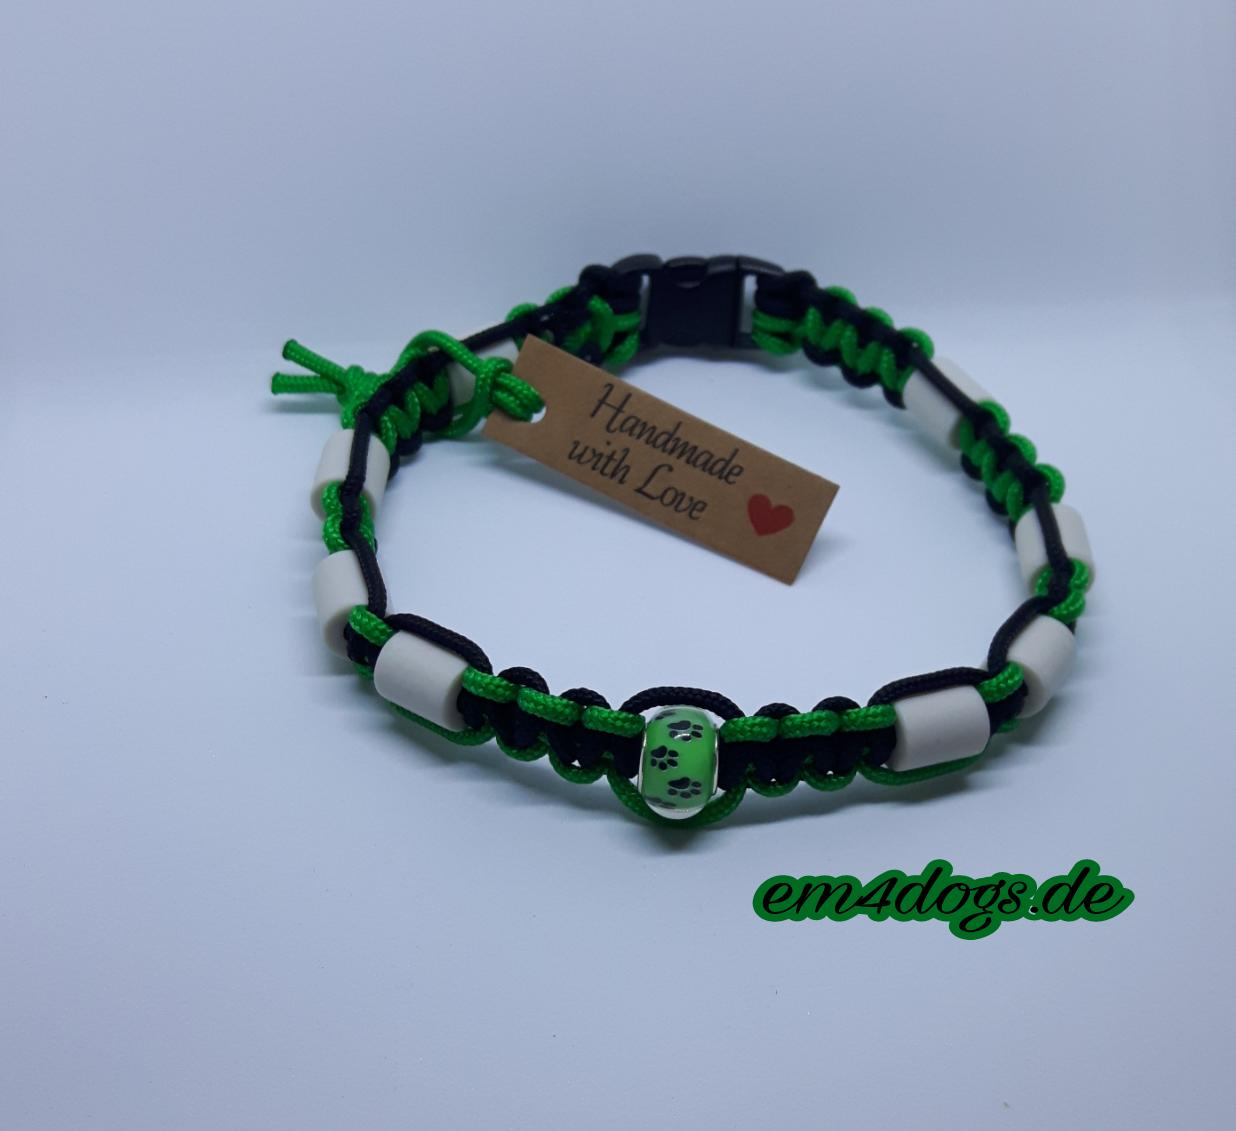 em4dogs.de EM-Keramik Hundehalsband grün schwarz